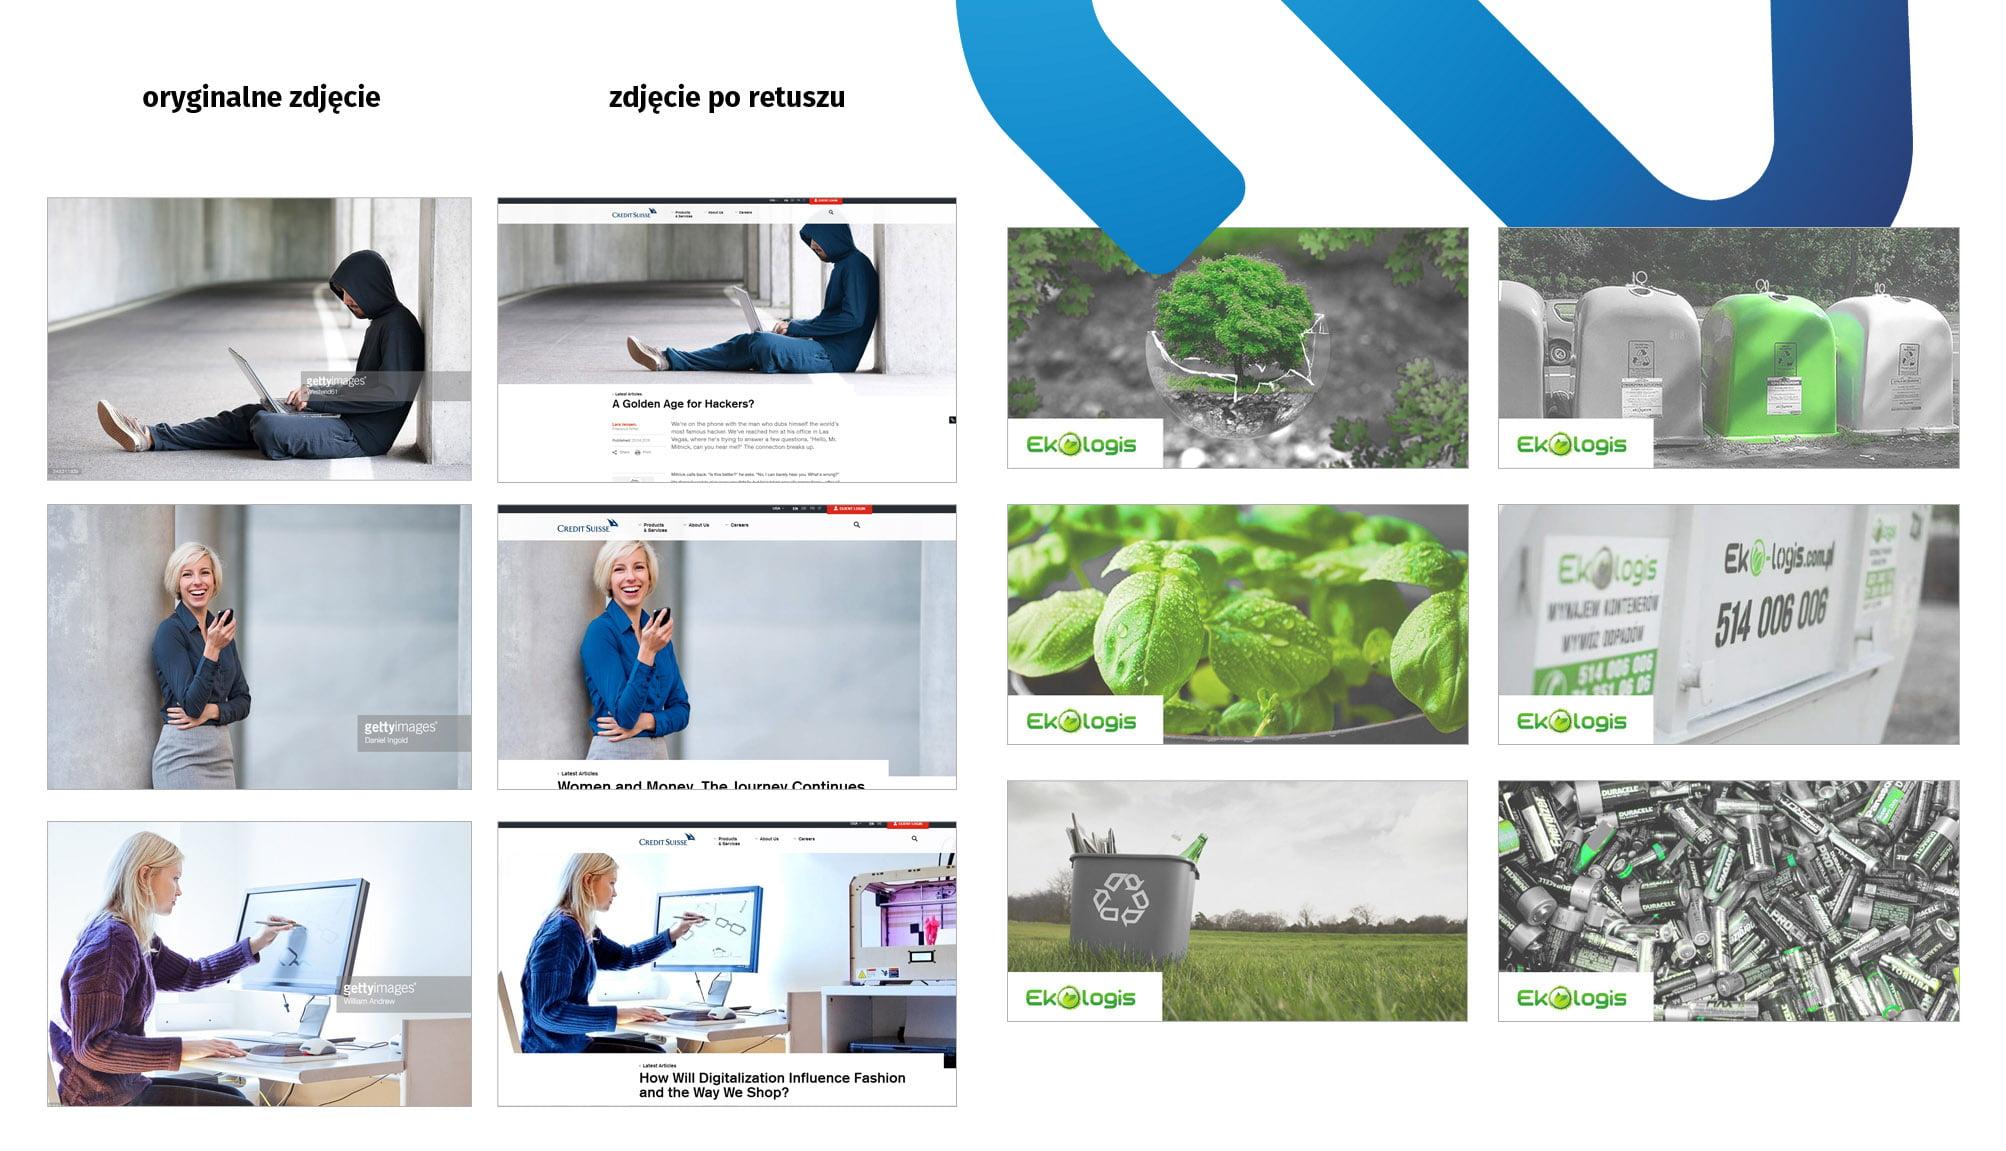 Przekolorowywanie zdjęć, filtr, spójny kolor w mediach społecznościowych, Identyfikacja wizualna credit suisse